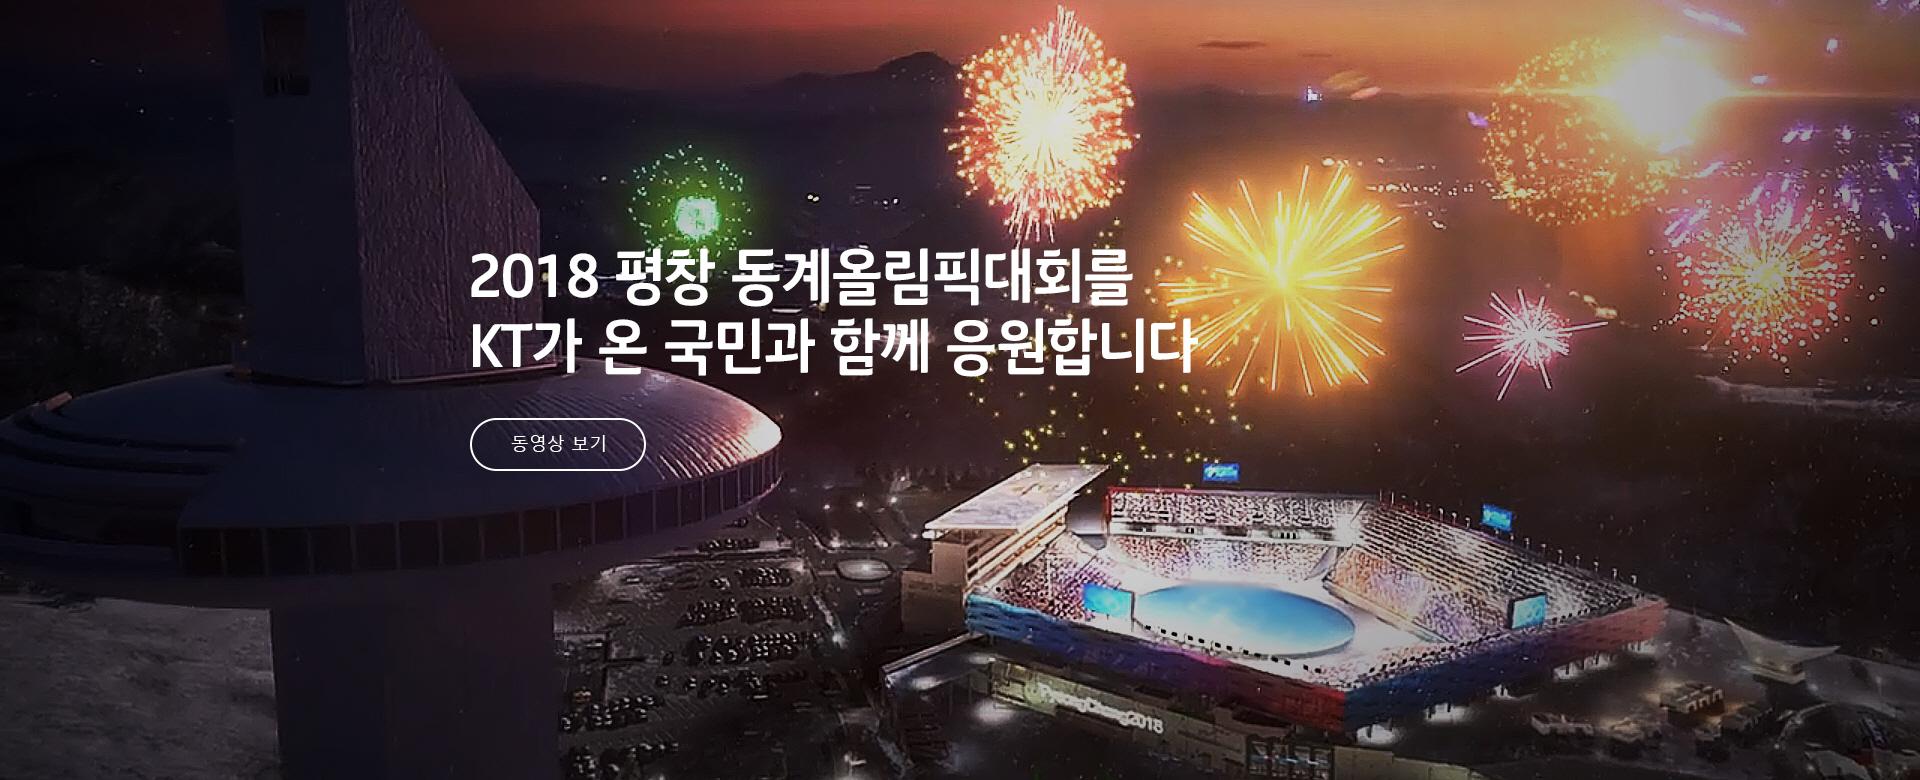 2018 평창동계올림픽 대회의 성공을 KT가 온 국민과 함께 지원합니다.